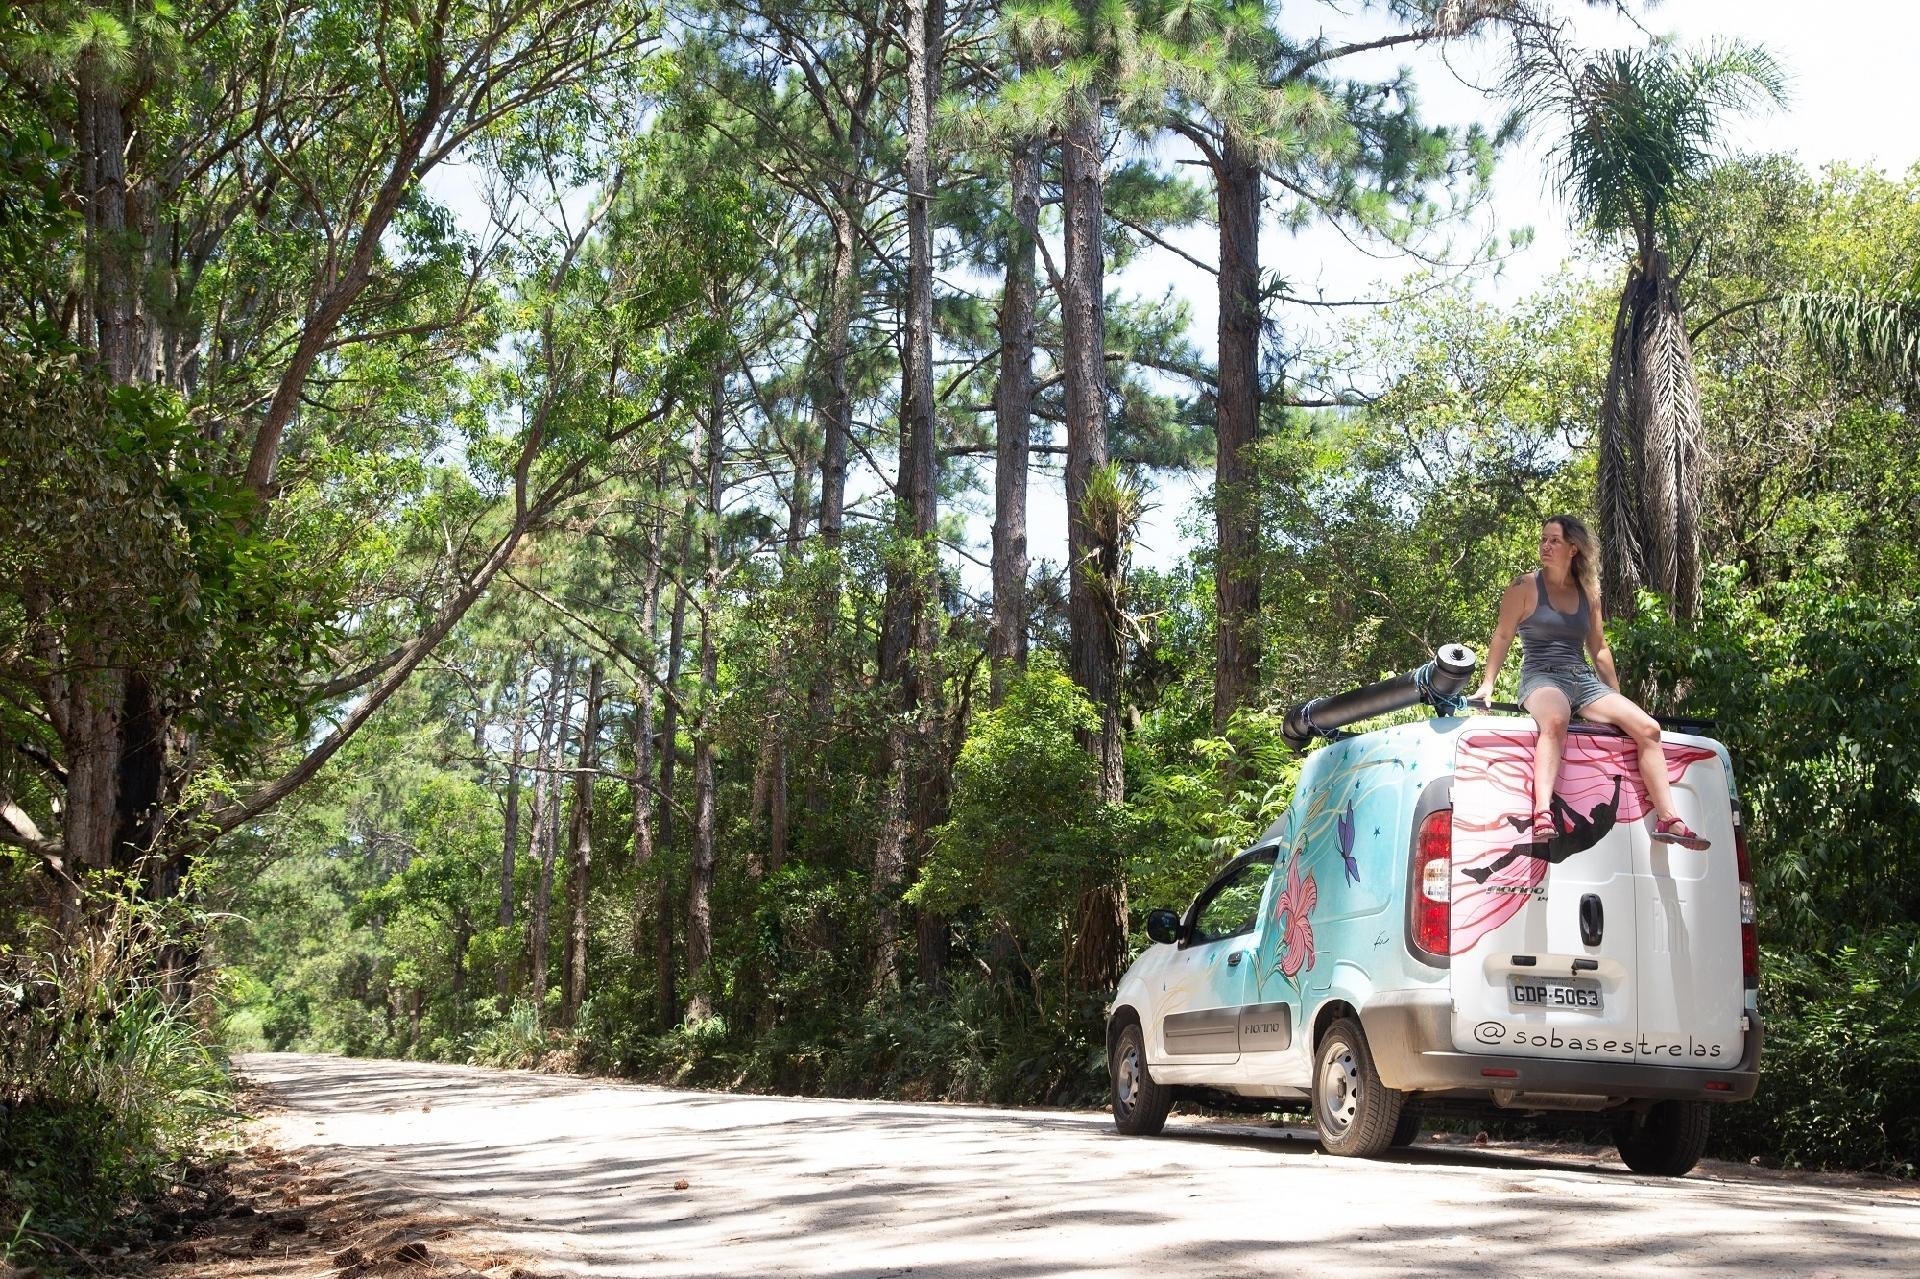 Camila y Safira en la carretera - Archivos personales